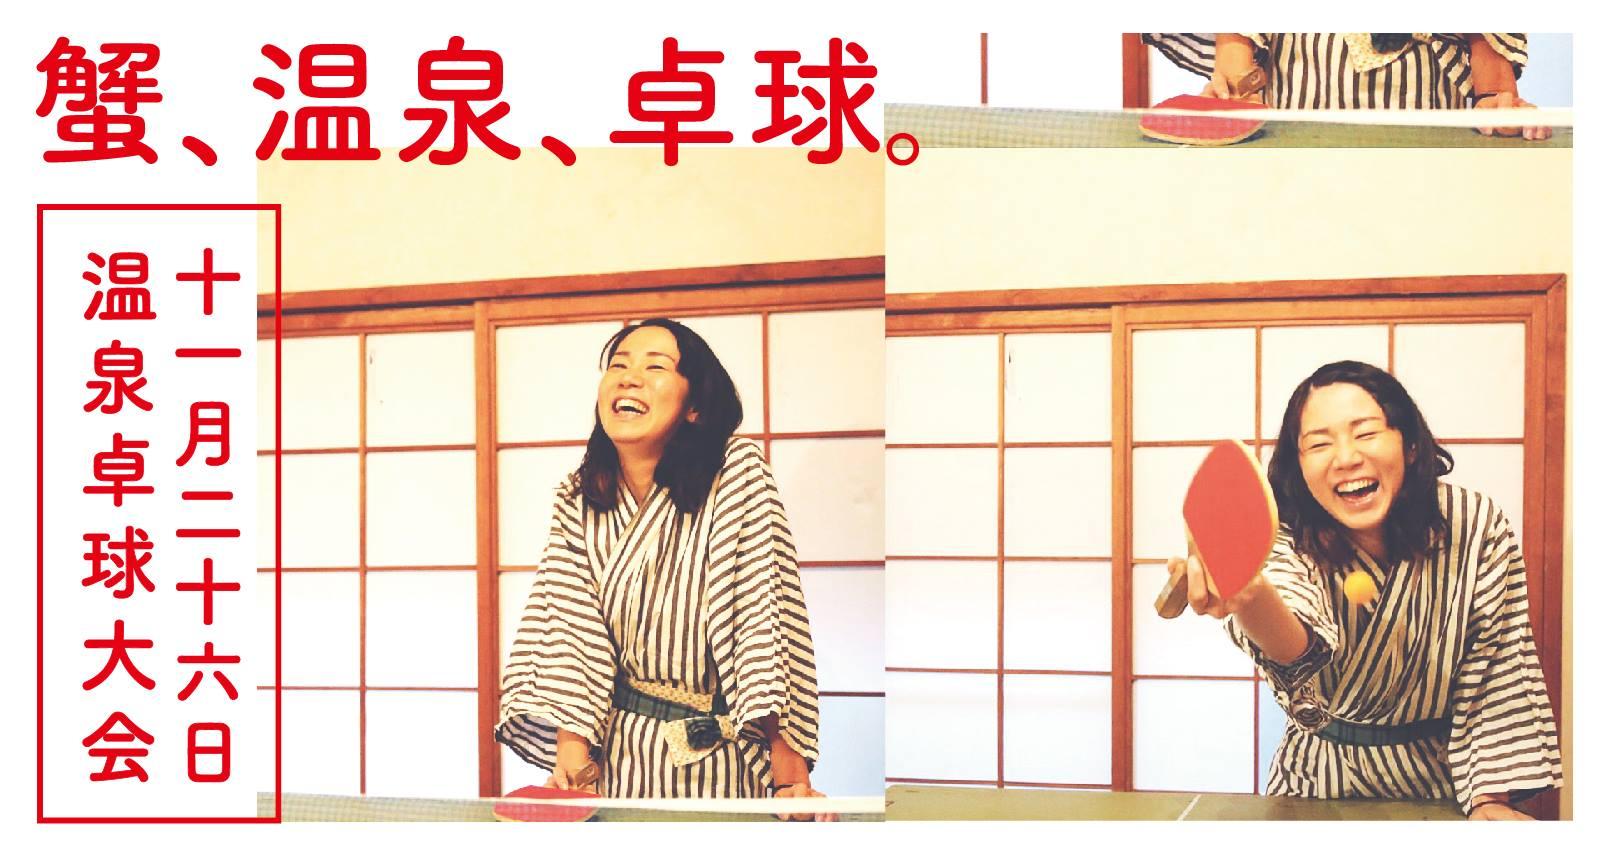 平成二十八年度第四回鳥取温泉卓球大会